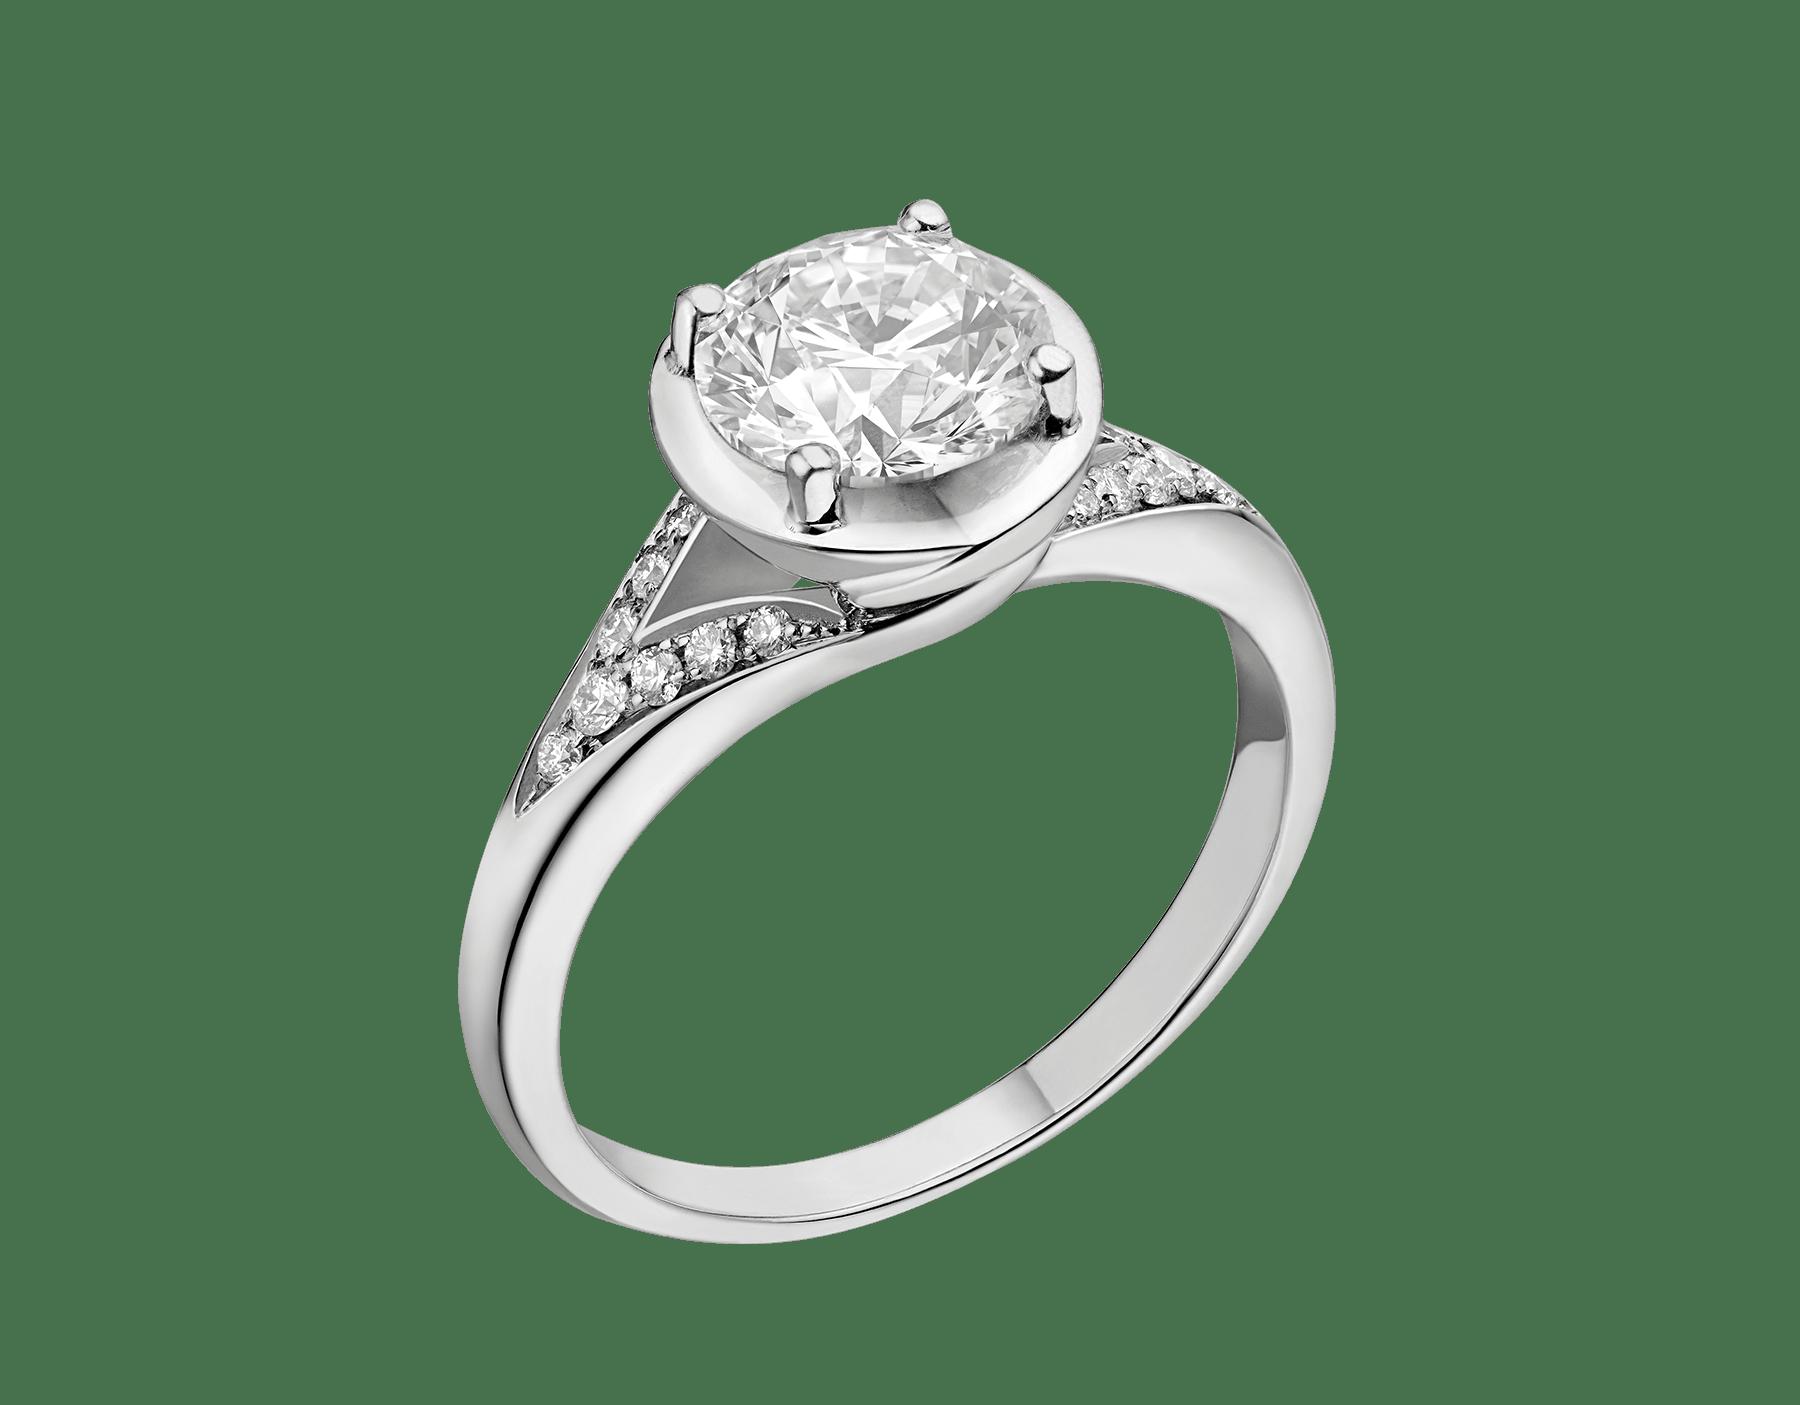 Anel Incontro d'Amore em platina cravejado com diamante redondo lapidação brilhante e pavê de diamantes 352259 image 1